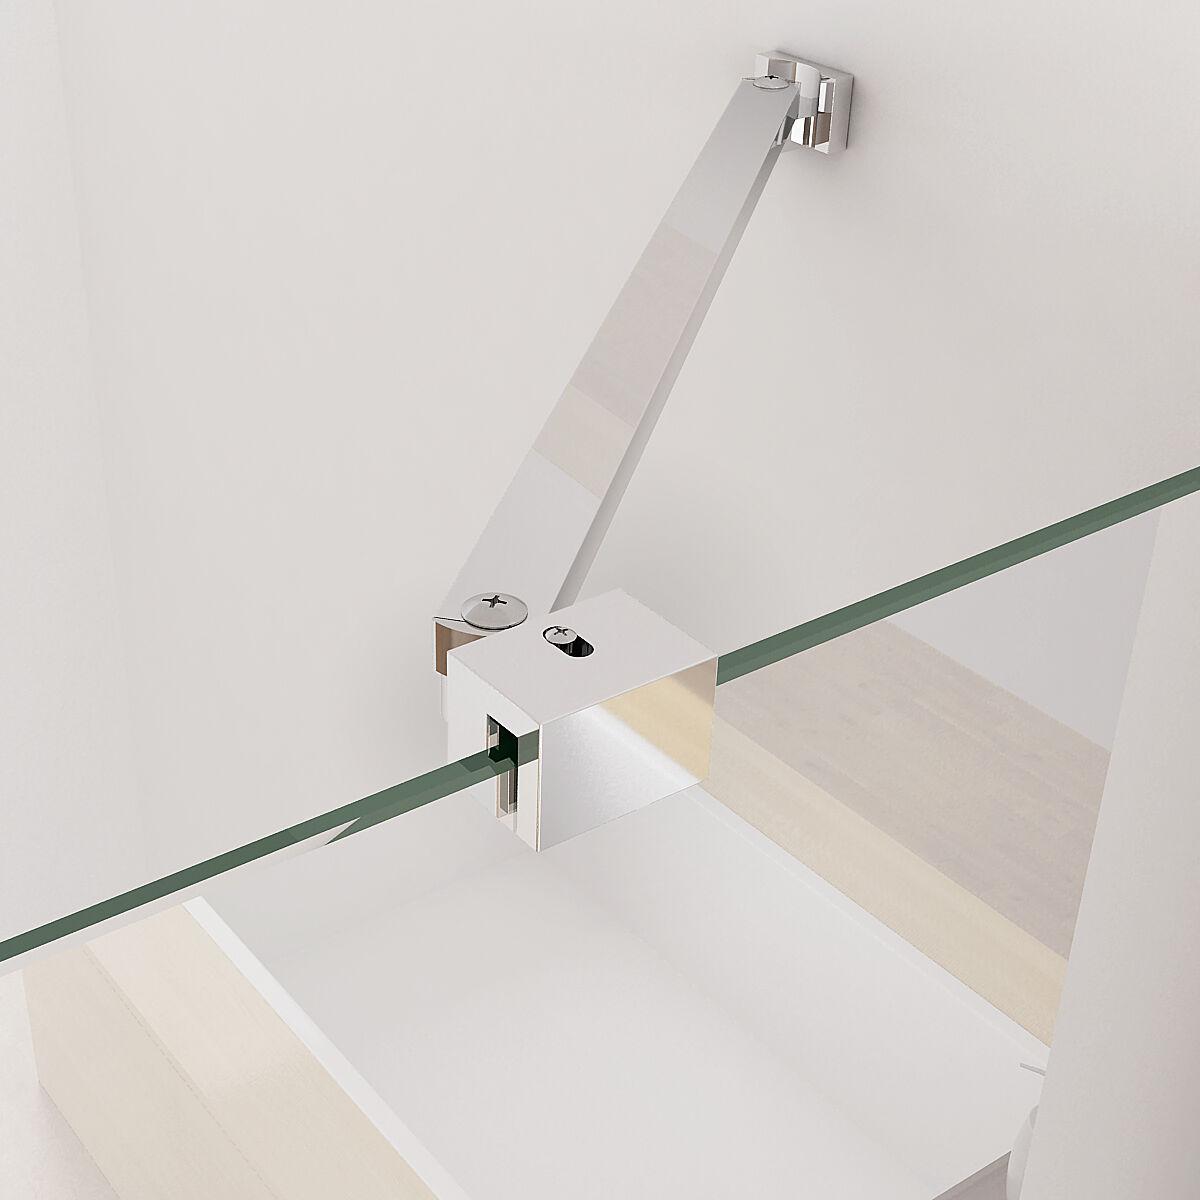 glaswand stabilisator haltestange f r duschabtrennung walk in dusche 70 120cm cc ebay. Black Bedroom Furniture Sets. Home Design Ideas